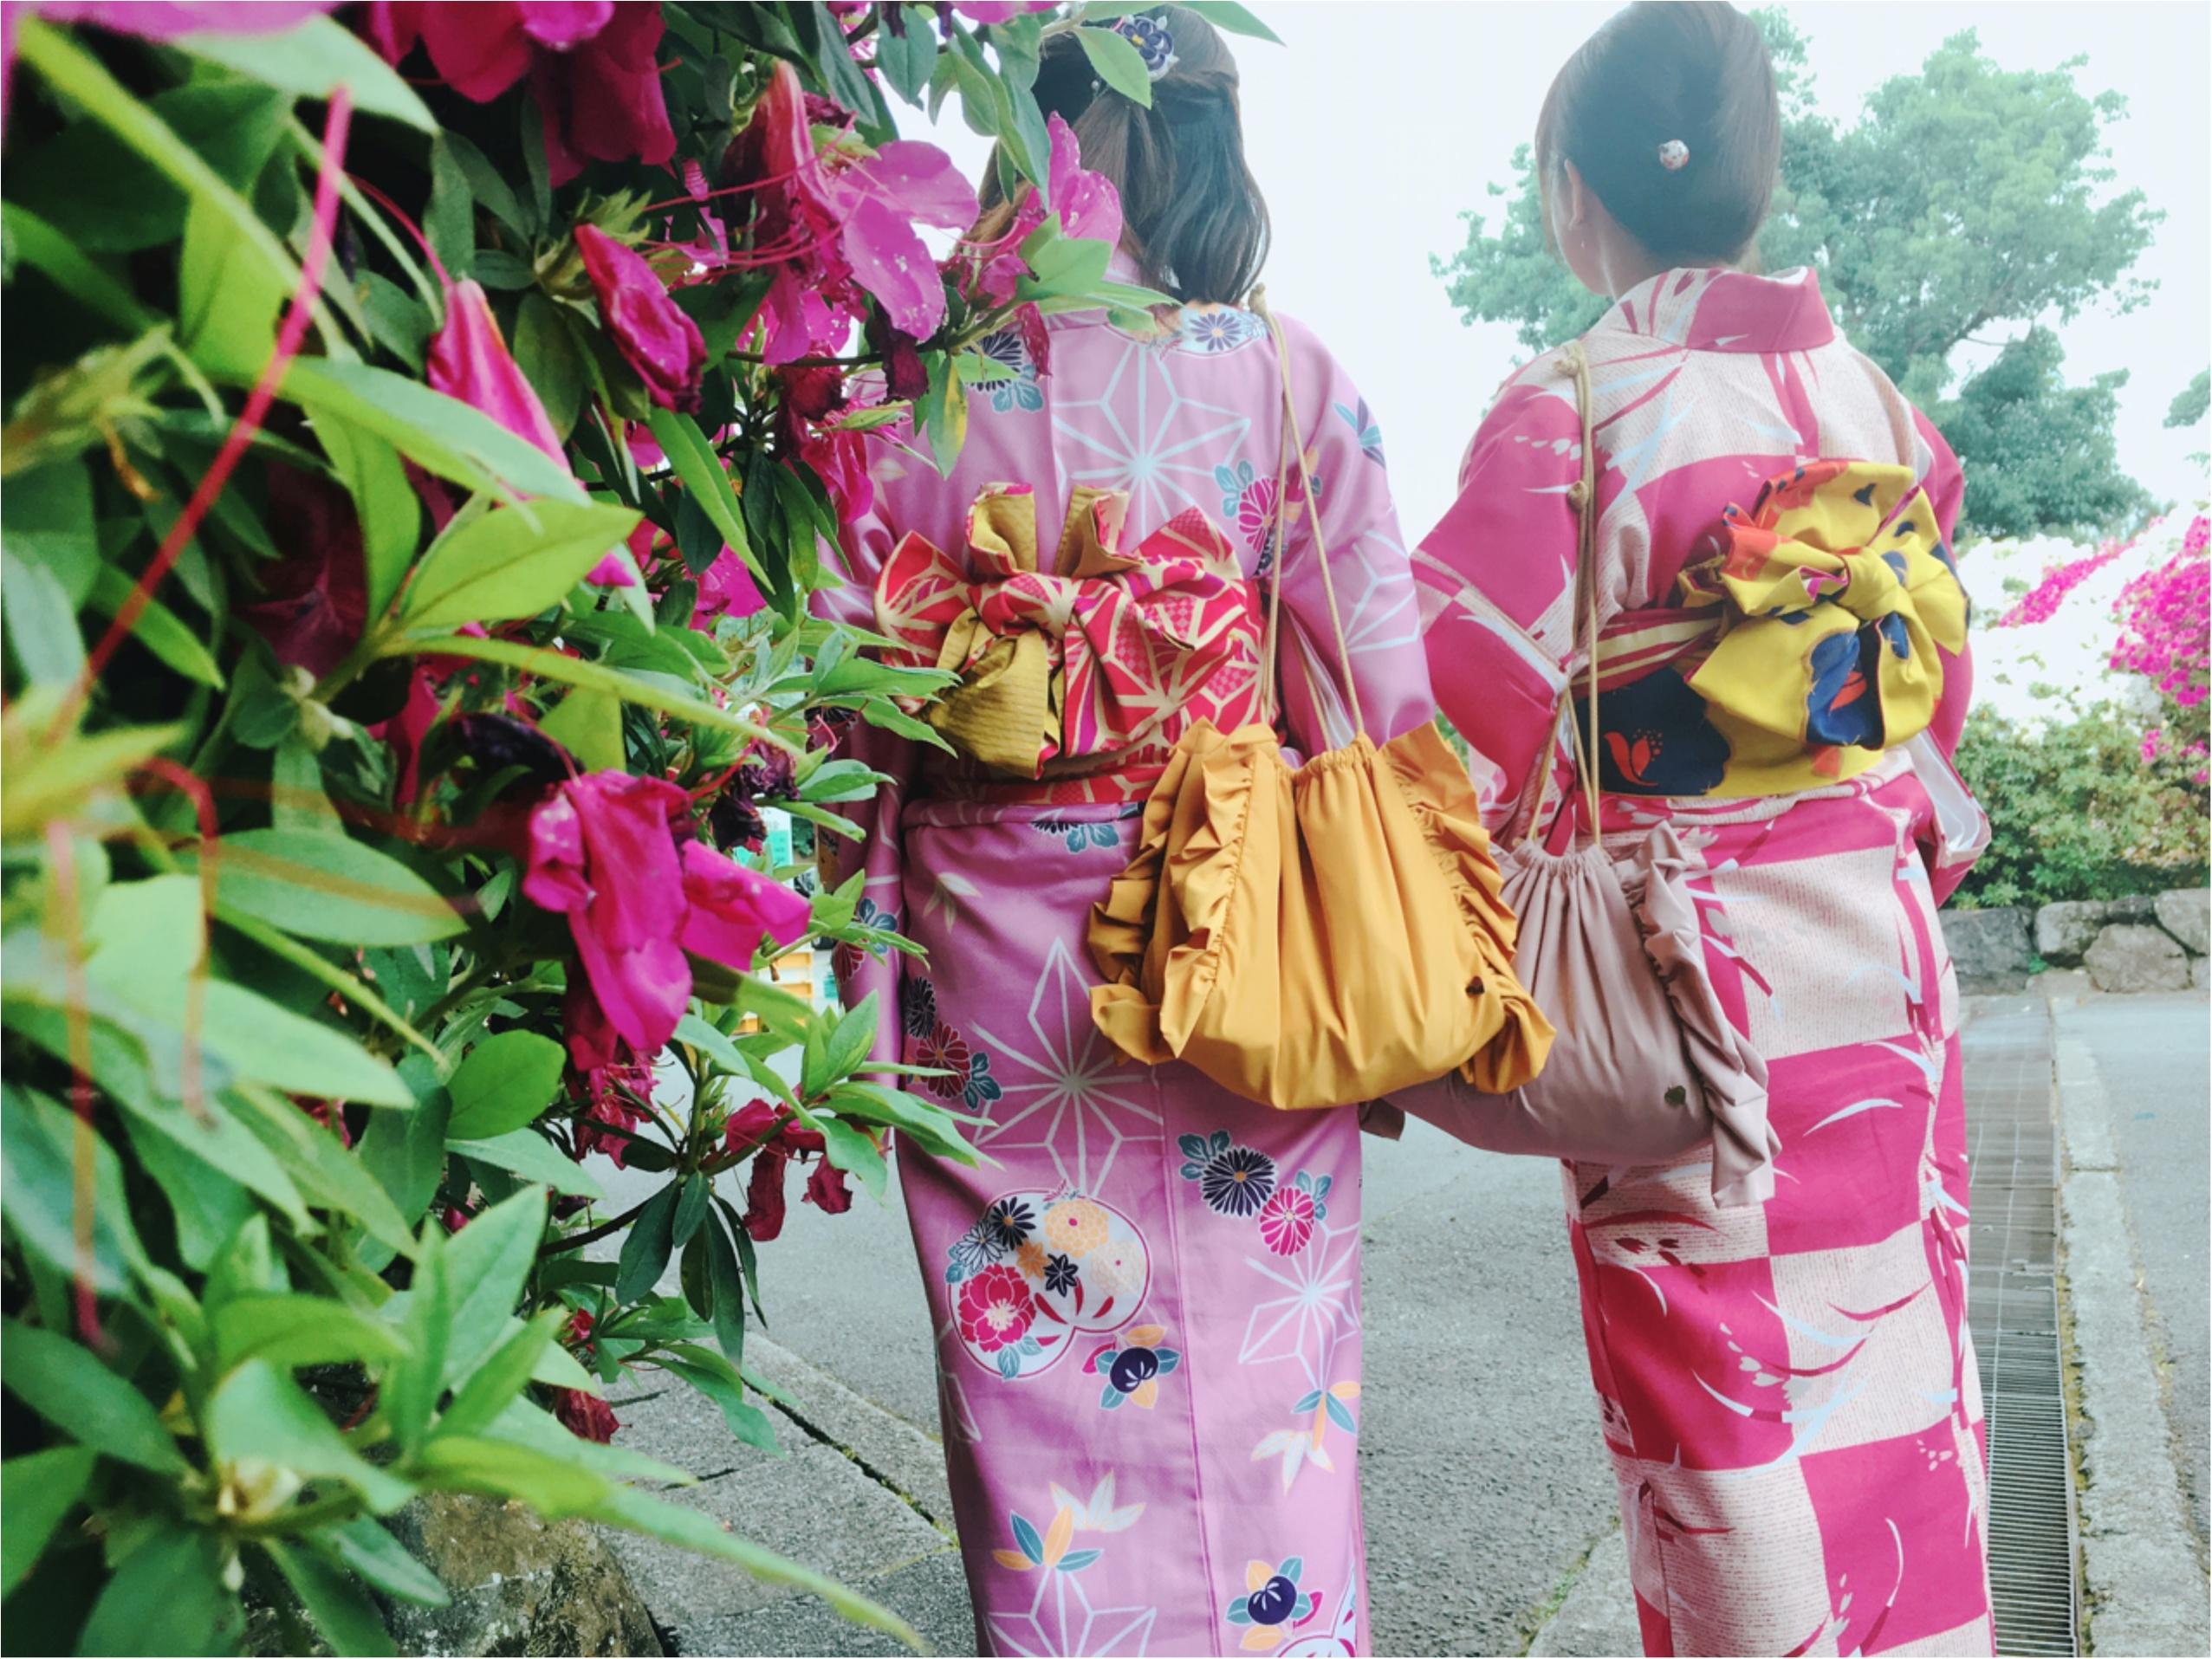 京都女子旅特集《2019年版》- 旅する女子がおすすめする、インスタ映えスポットやカフェ、レンタル着物は?_77